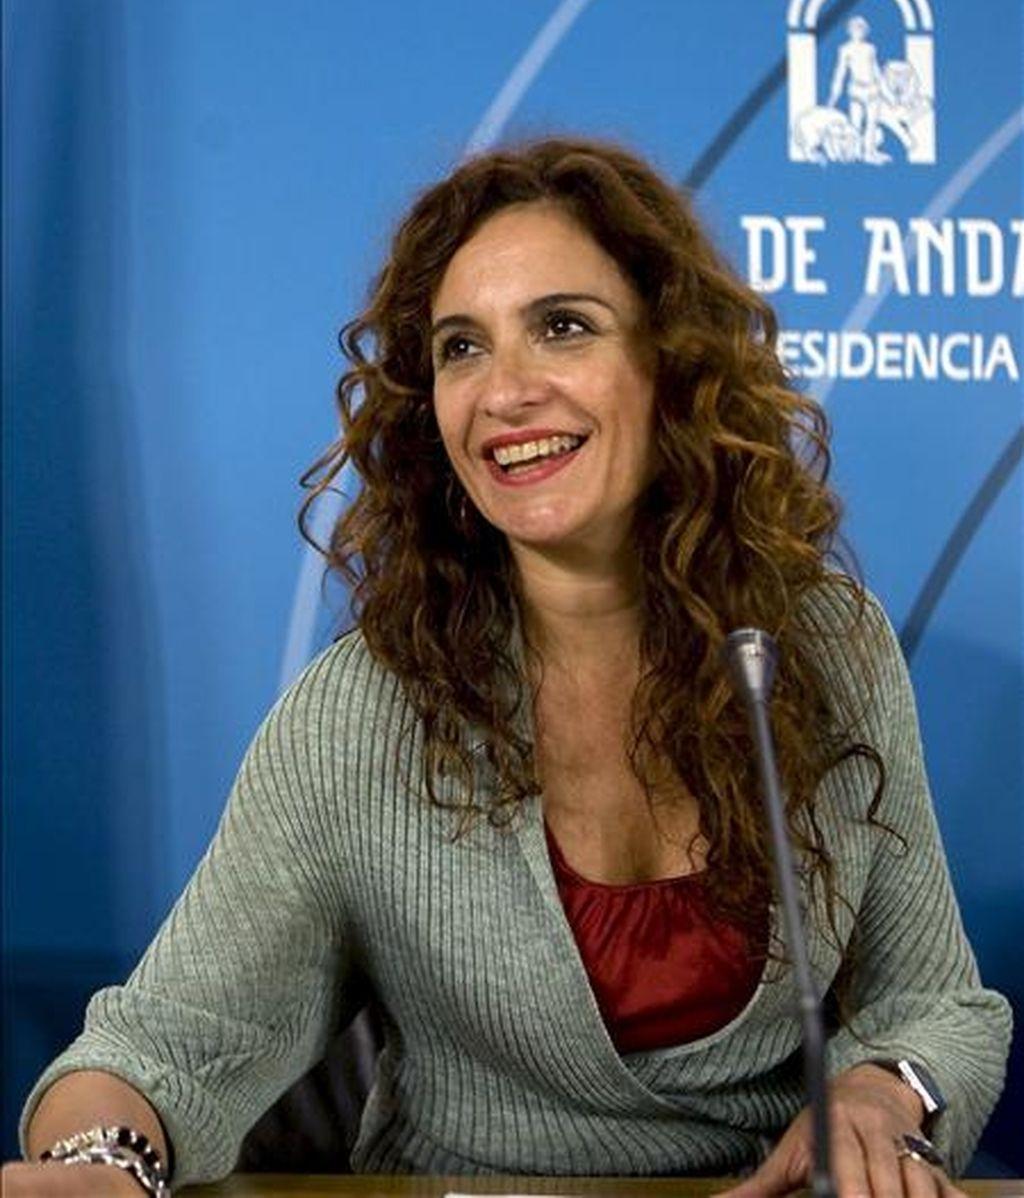 """La consejera andaluza de Salud, María Jesús Montero, en la rueda de prensa ofrecida tras la reunión del Consejo de Gobierno de Andalucía que hoy aprobó, entre otros asuntos, el proyecto de ley de derechos y garantías de la dignidad de las personas en el proceso de la muerte, conocida como """"ley de muerte digna"""". EFE"""